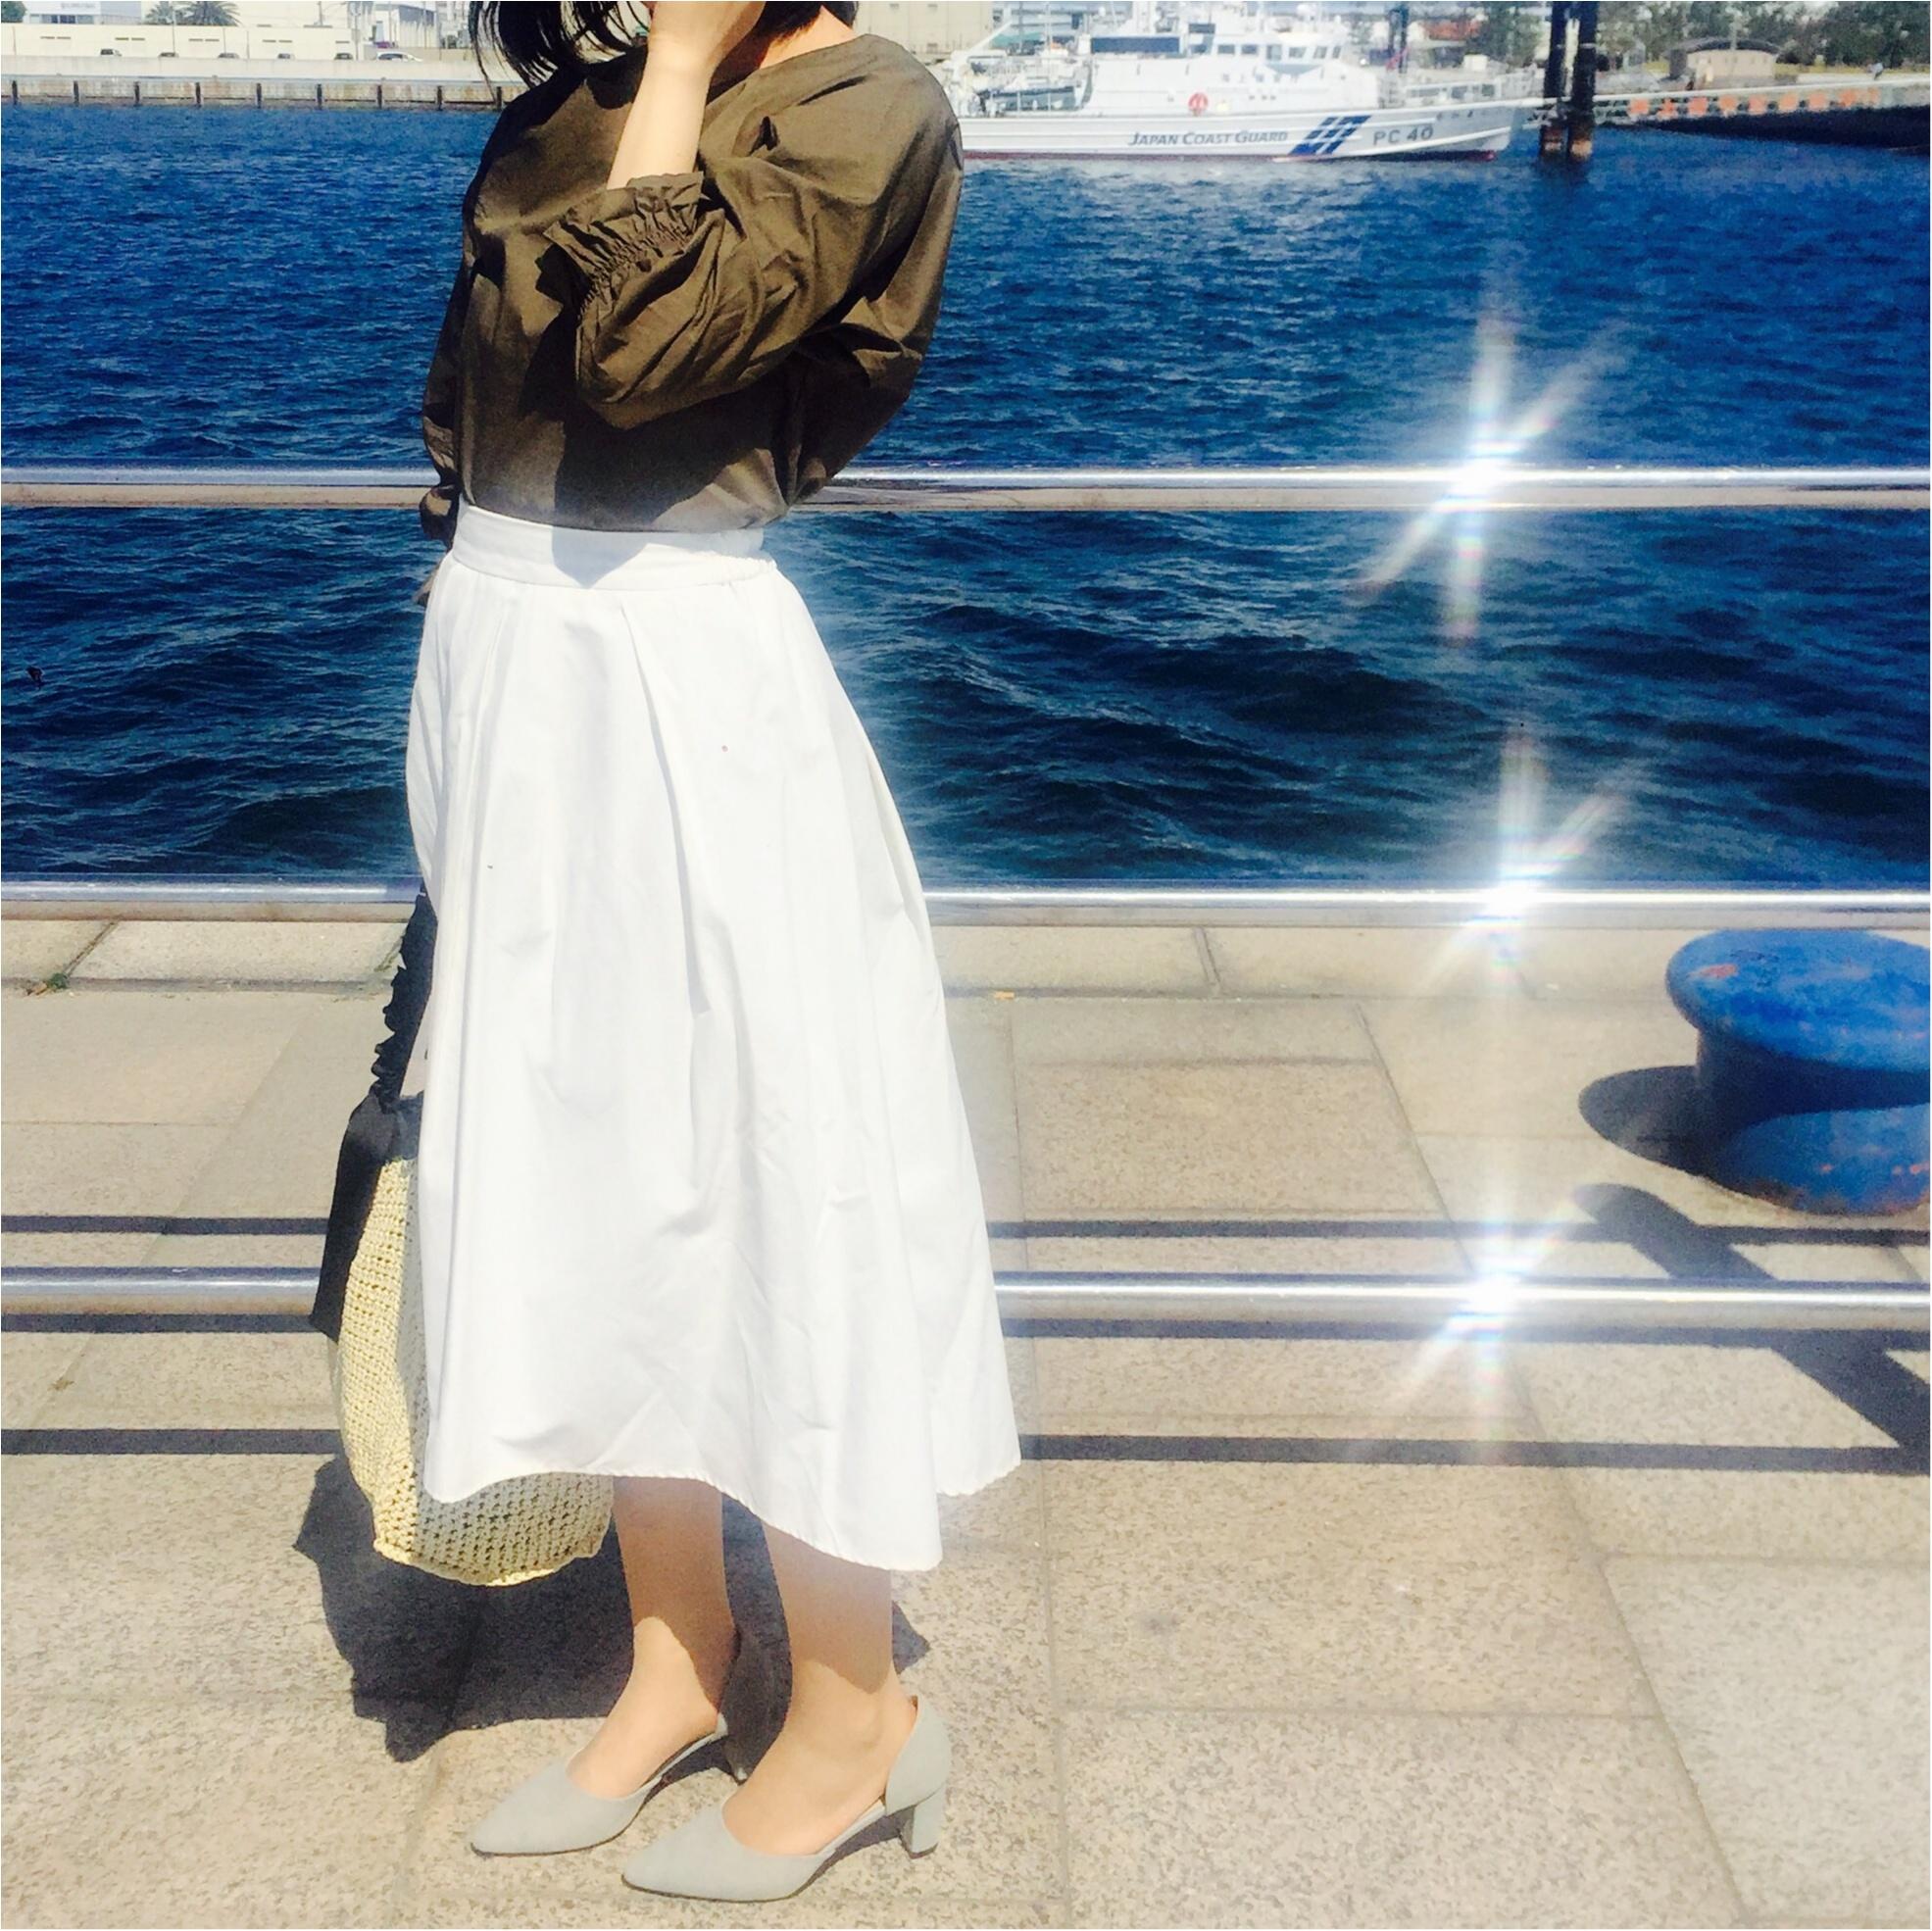 気温*25度!【GU×Te chichi】初夏を感じる日の快適コーデ!_2